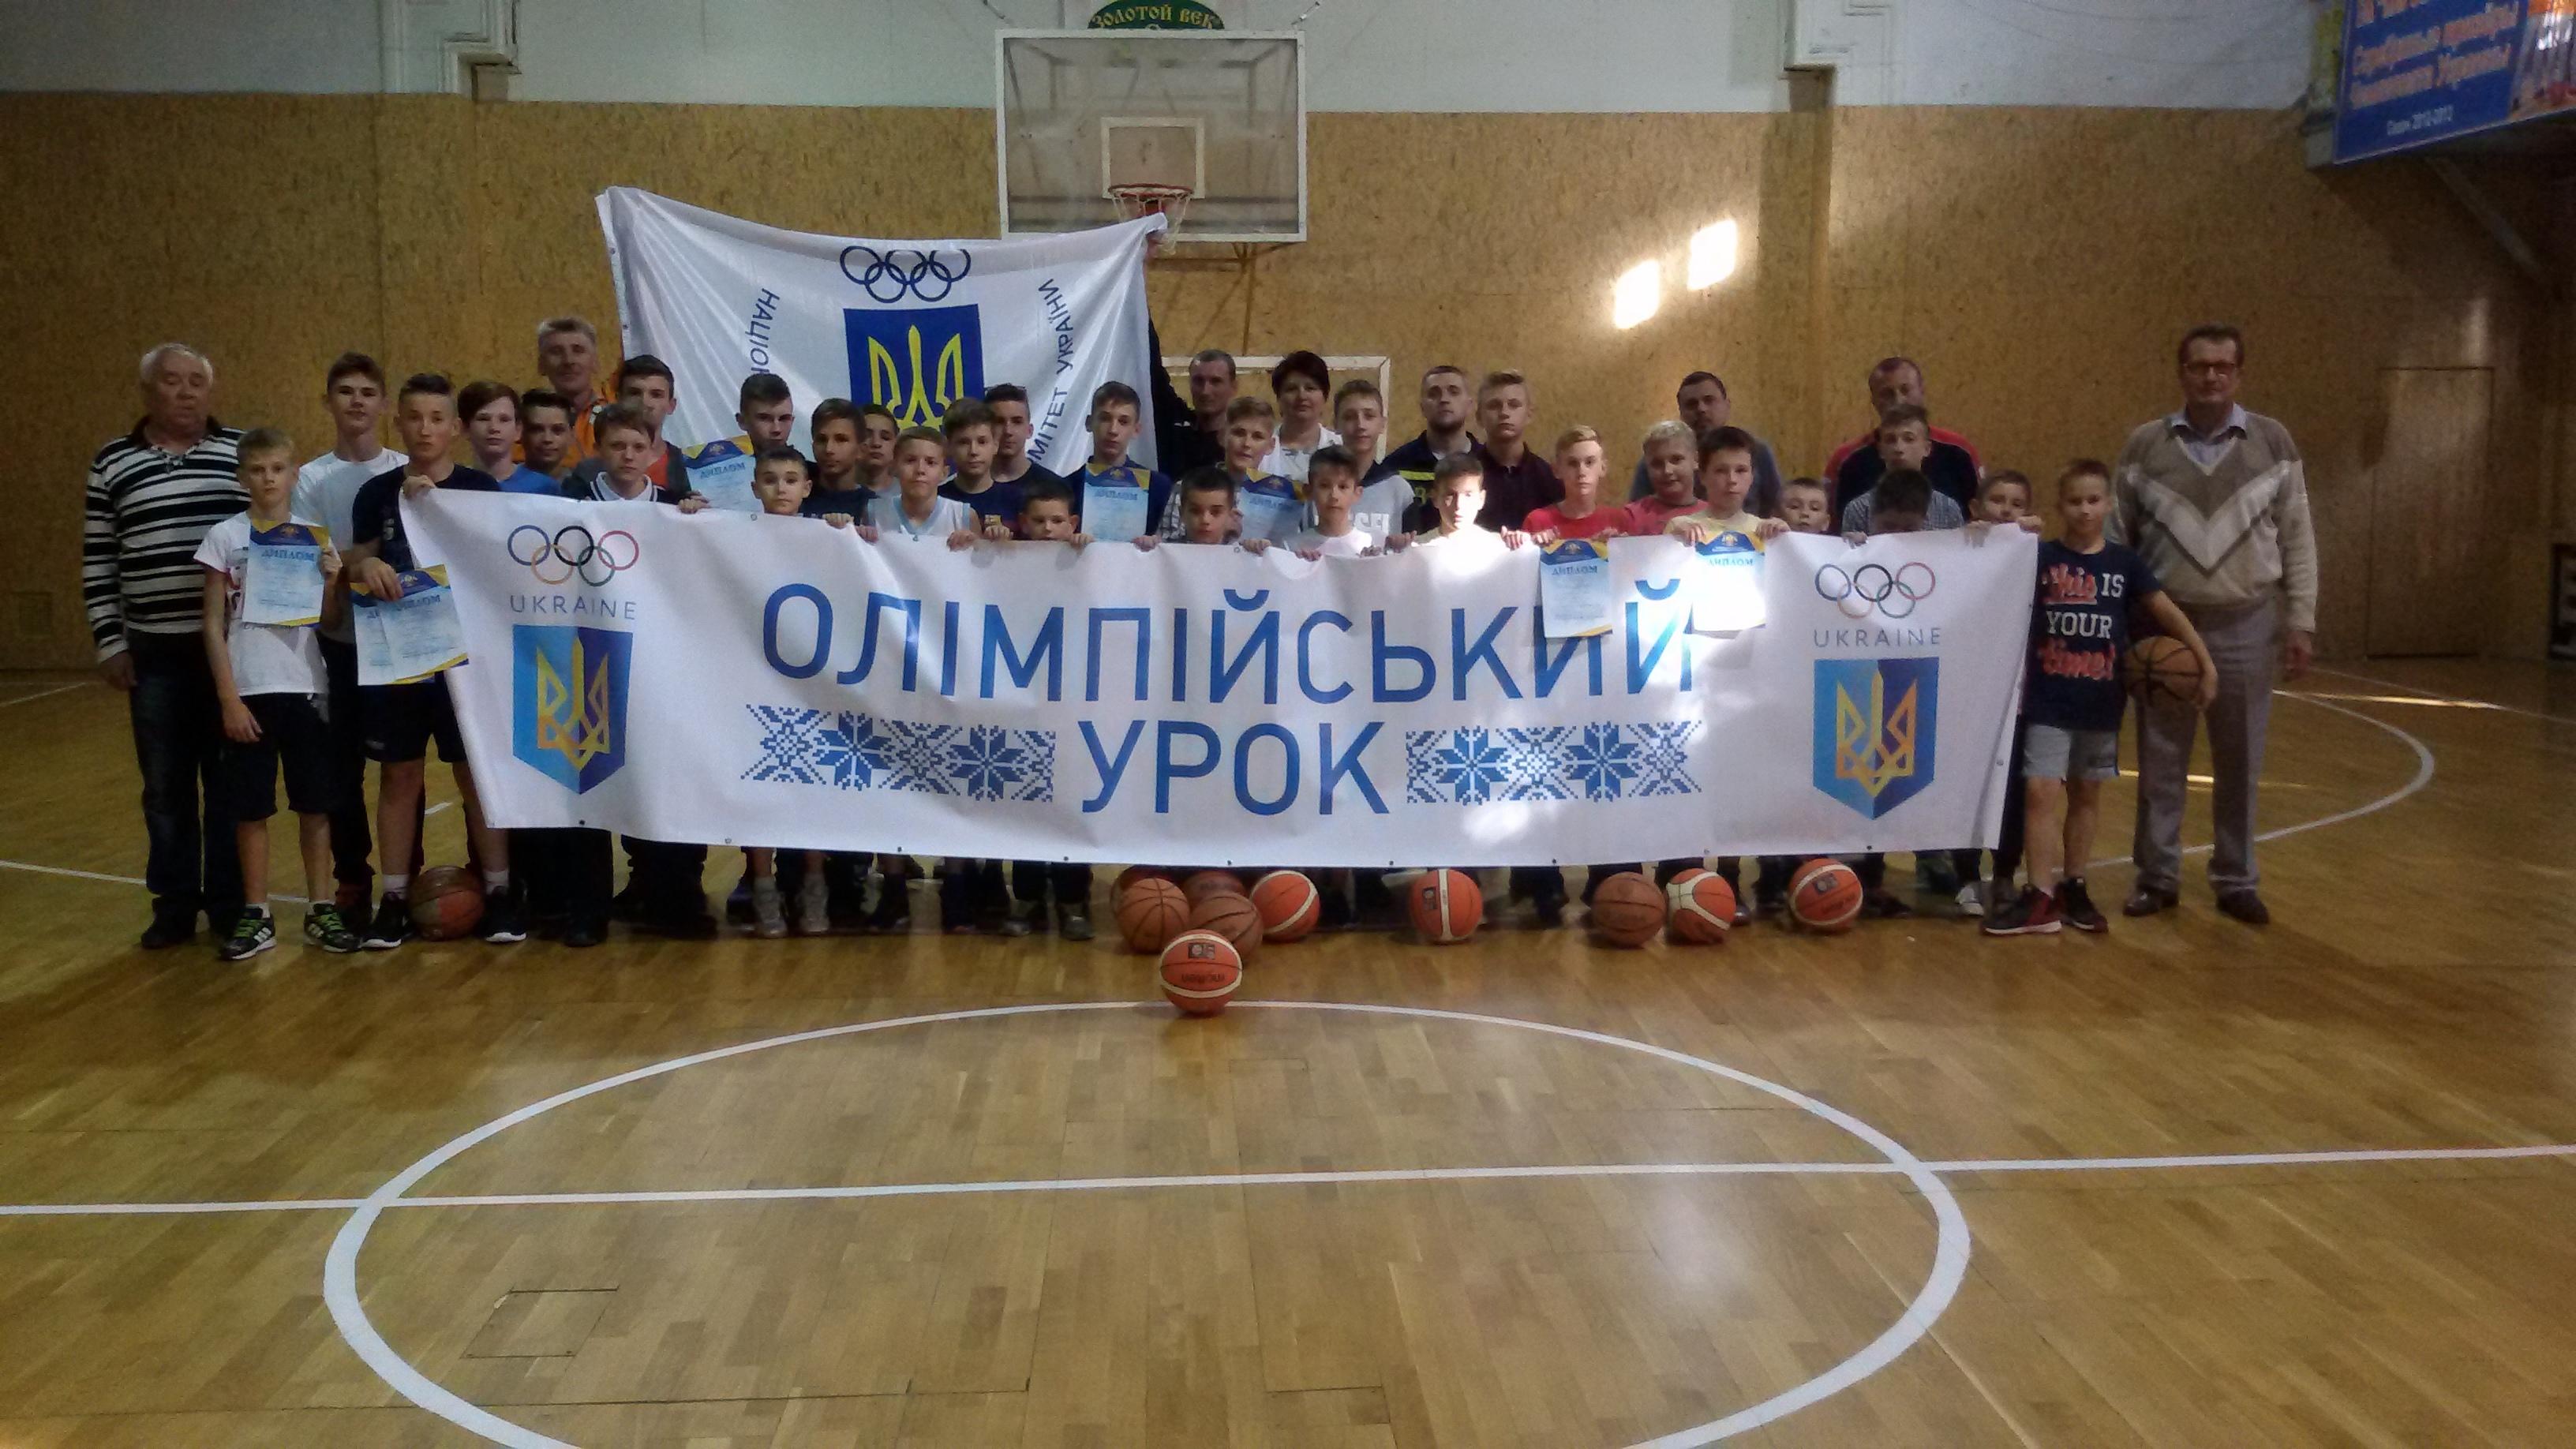 У Кропивницькому відбувся Олімпійський урок для юних баскетболістів